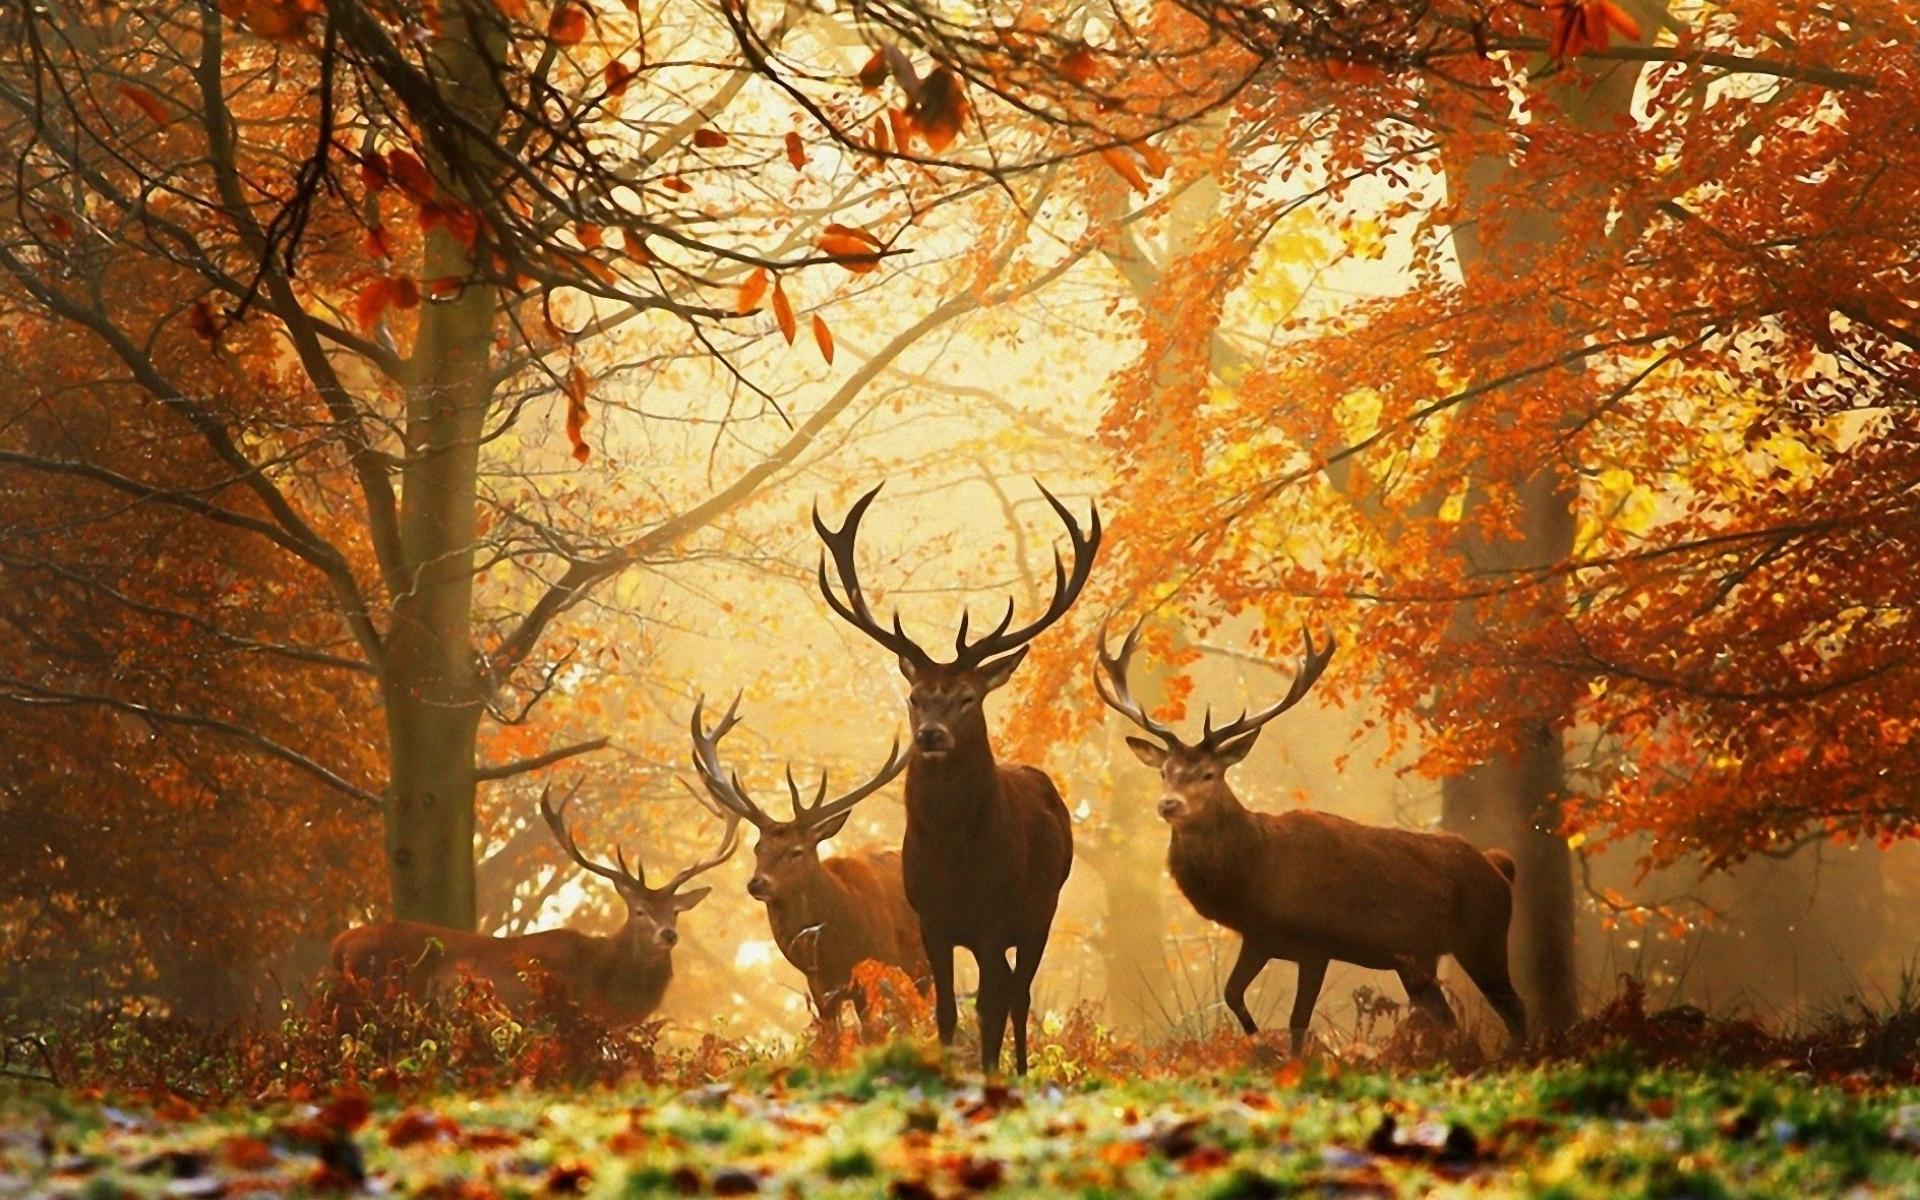 35827 Hintergrundbild 1080x1920 kostenlos auf deinem Handy, lade Bilder Tiere, Wild 1080x1920 auf dein Handy herunter